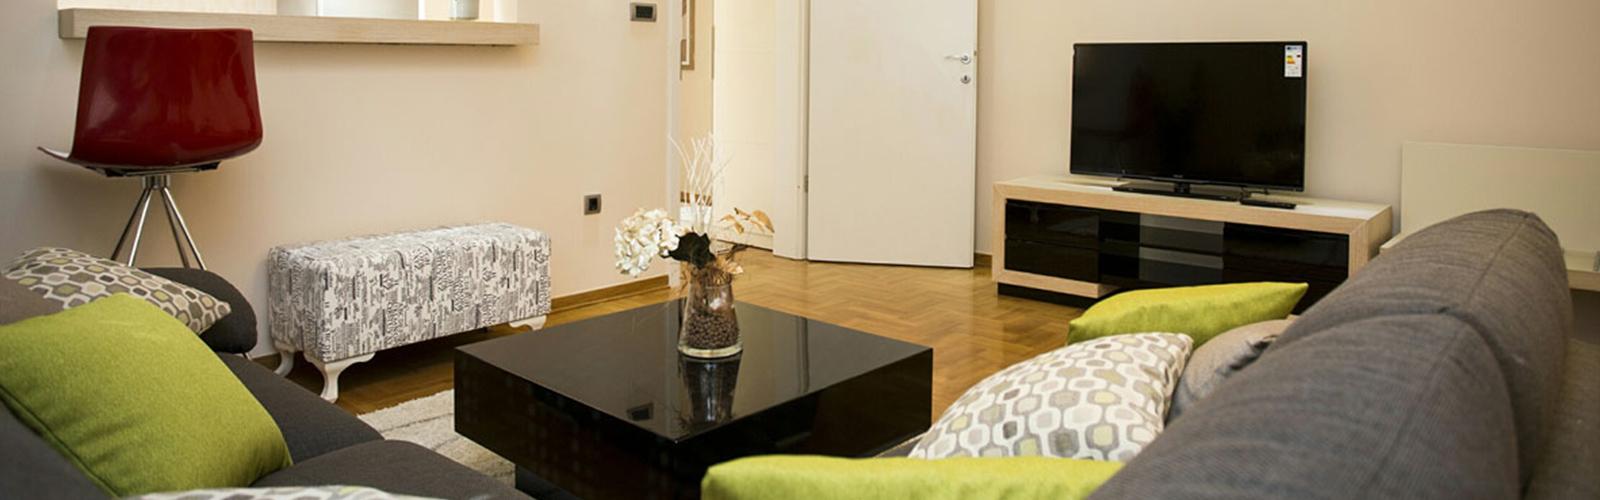 Concierge Belgrade | Apartman Delta Top 64